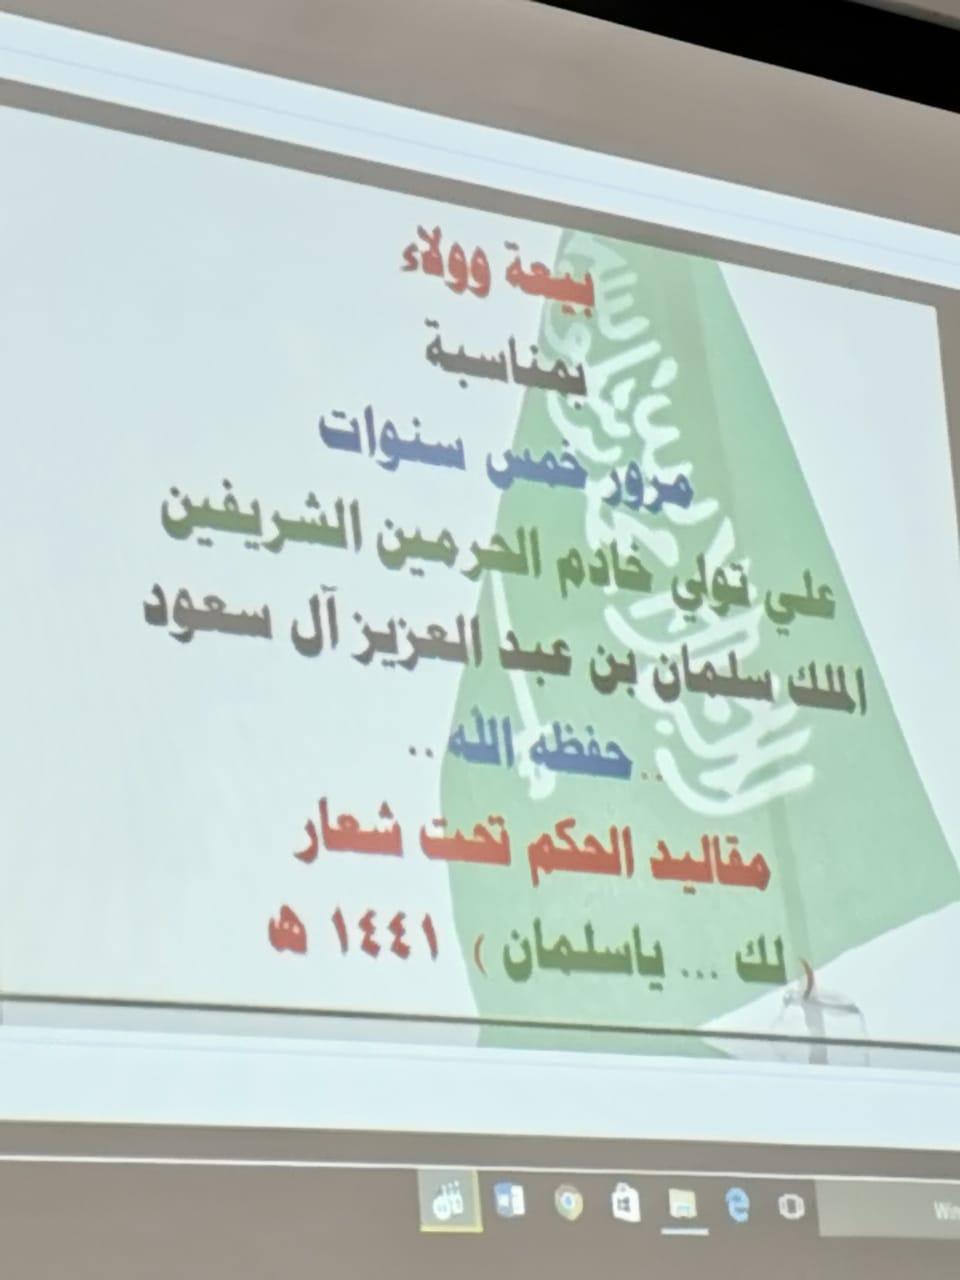 الابتدائية الـ 56 توجه الكلمات الوطنية المعبرة للبيعة الوطنية